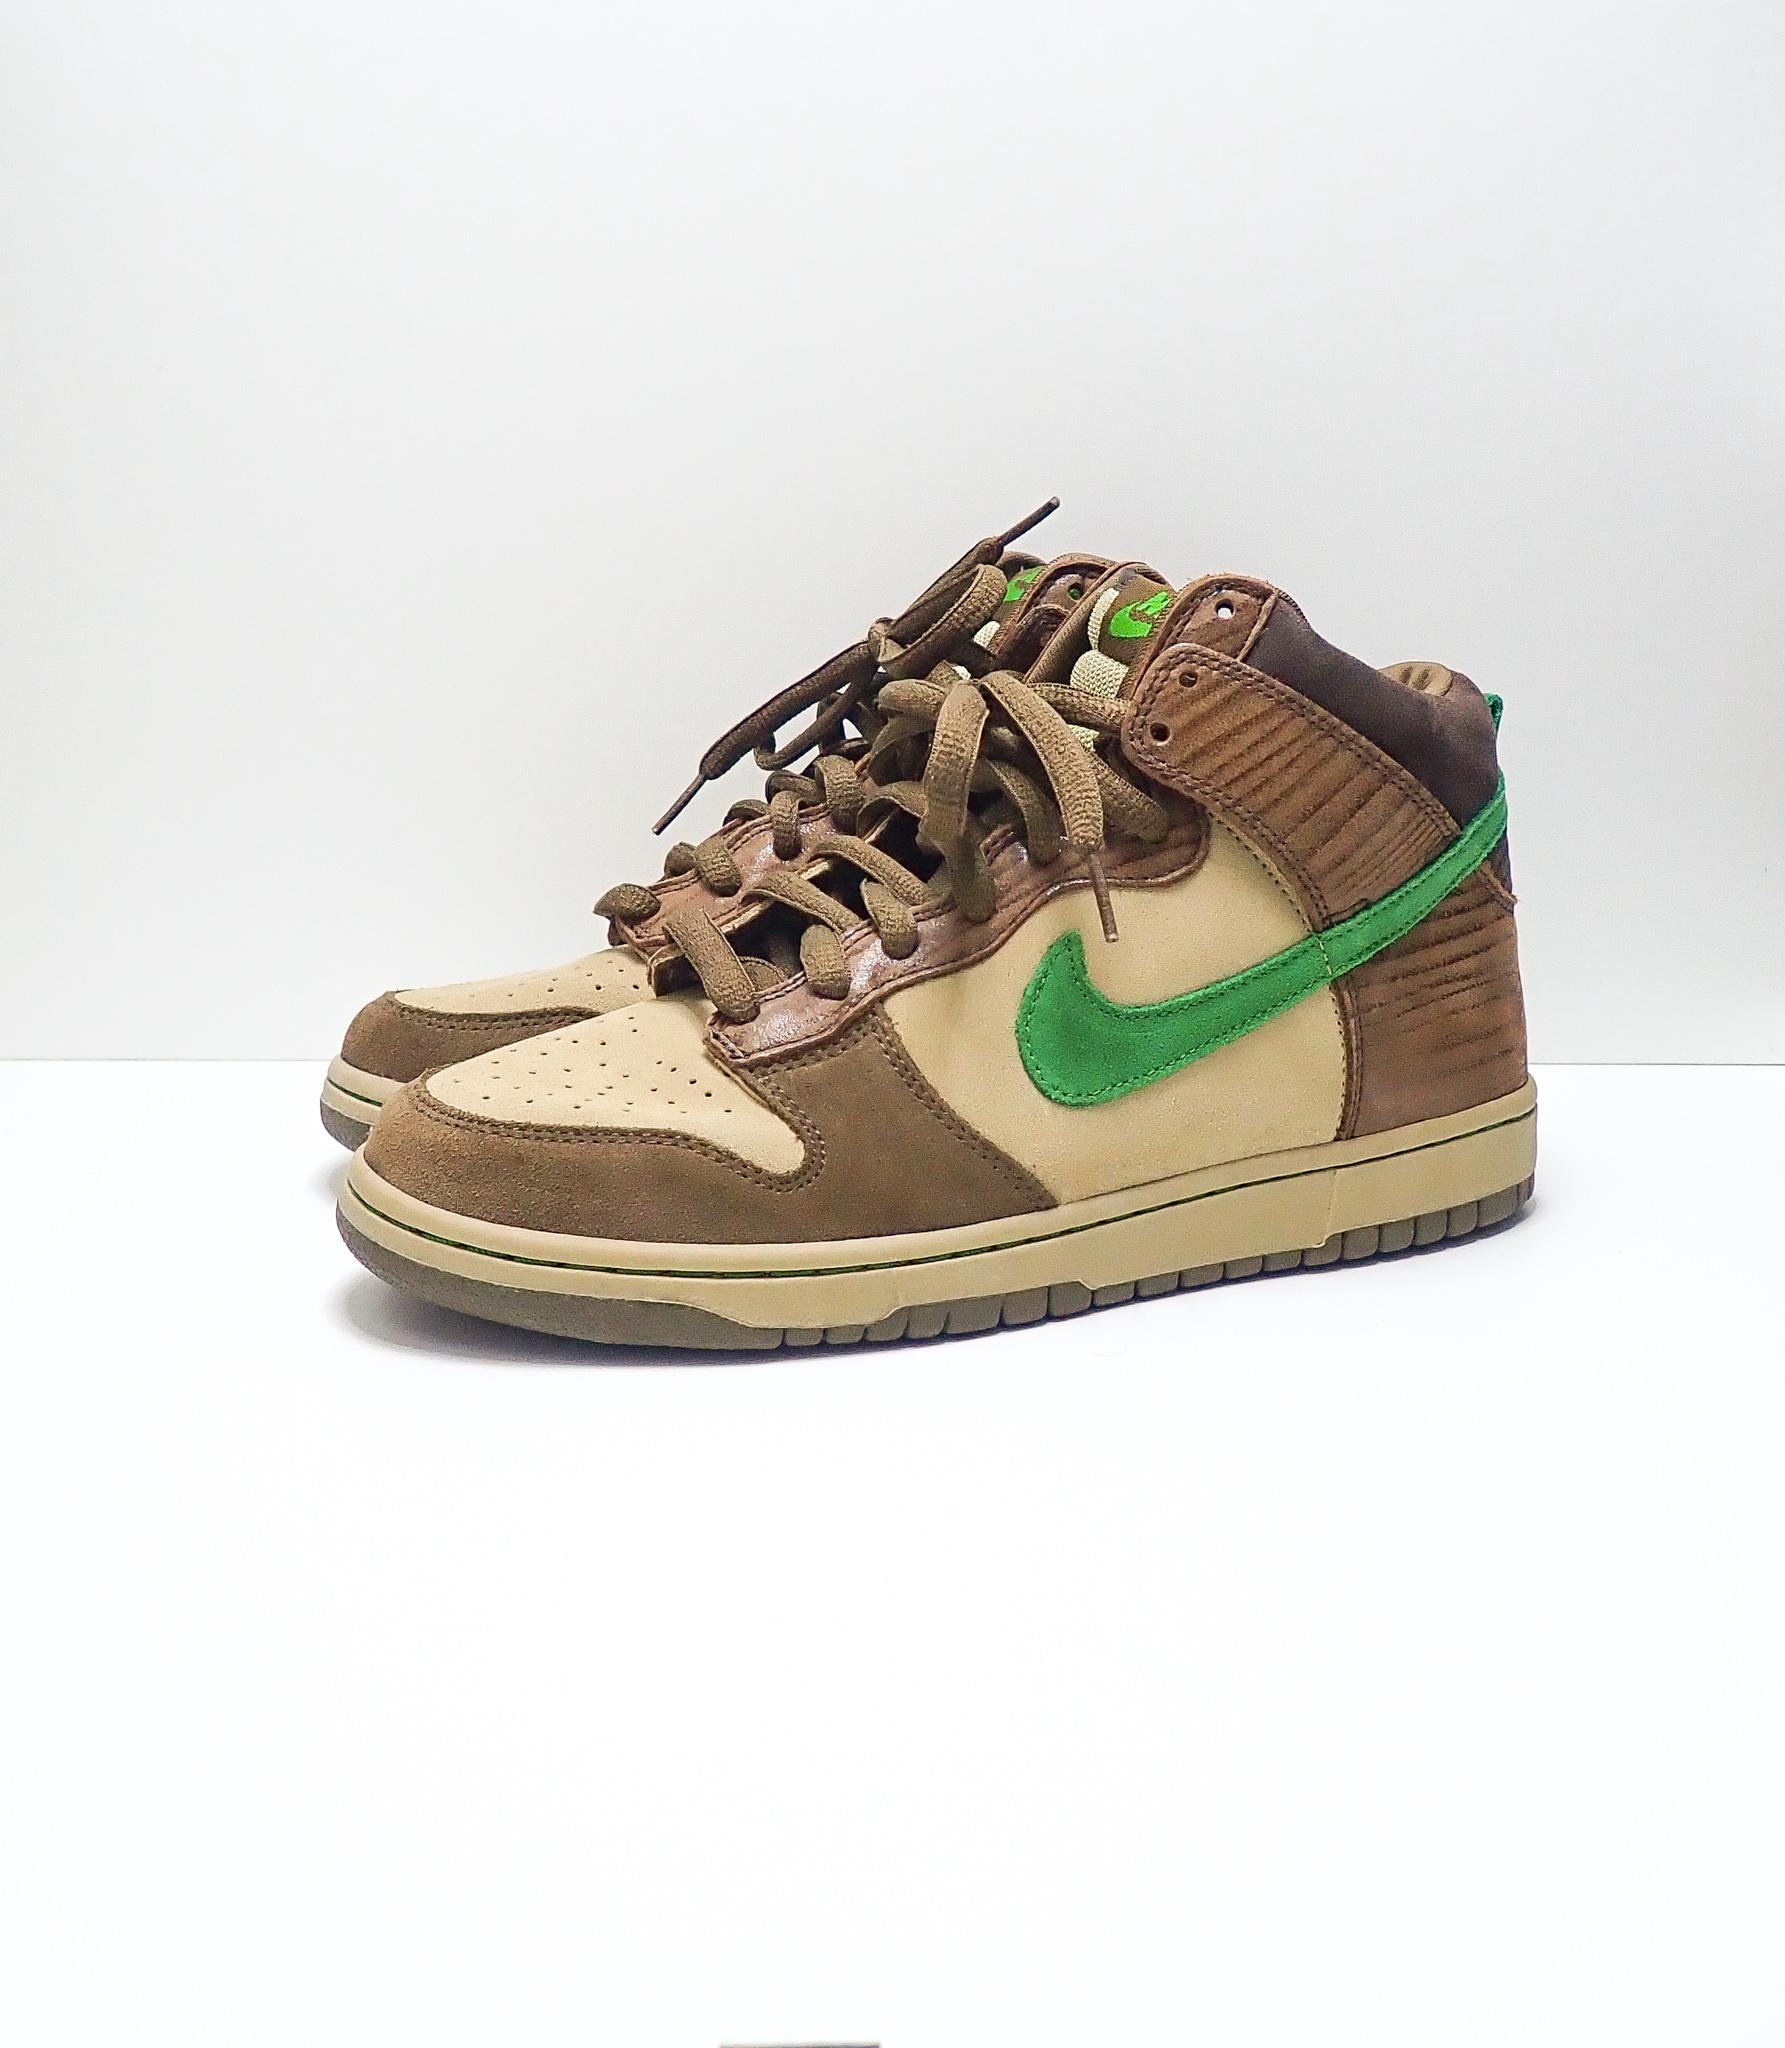 Nike SB Dunk High Wood Deck